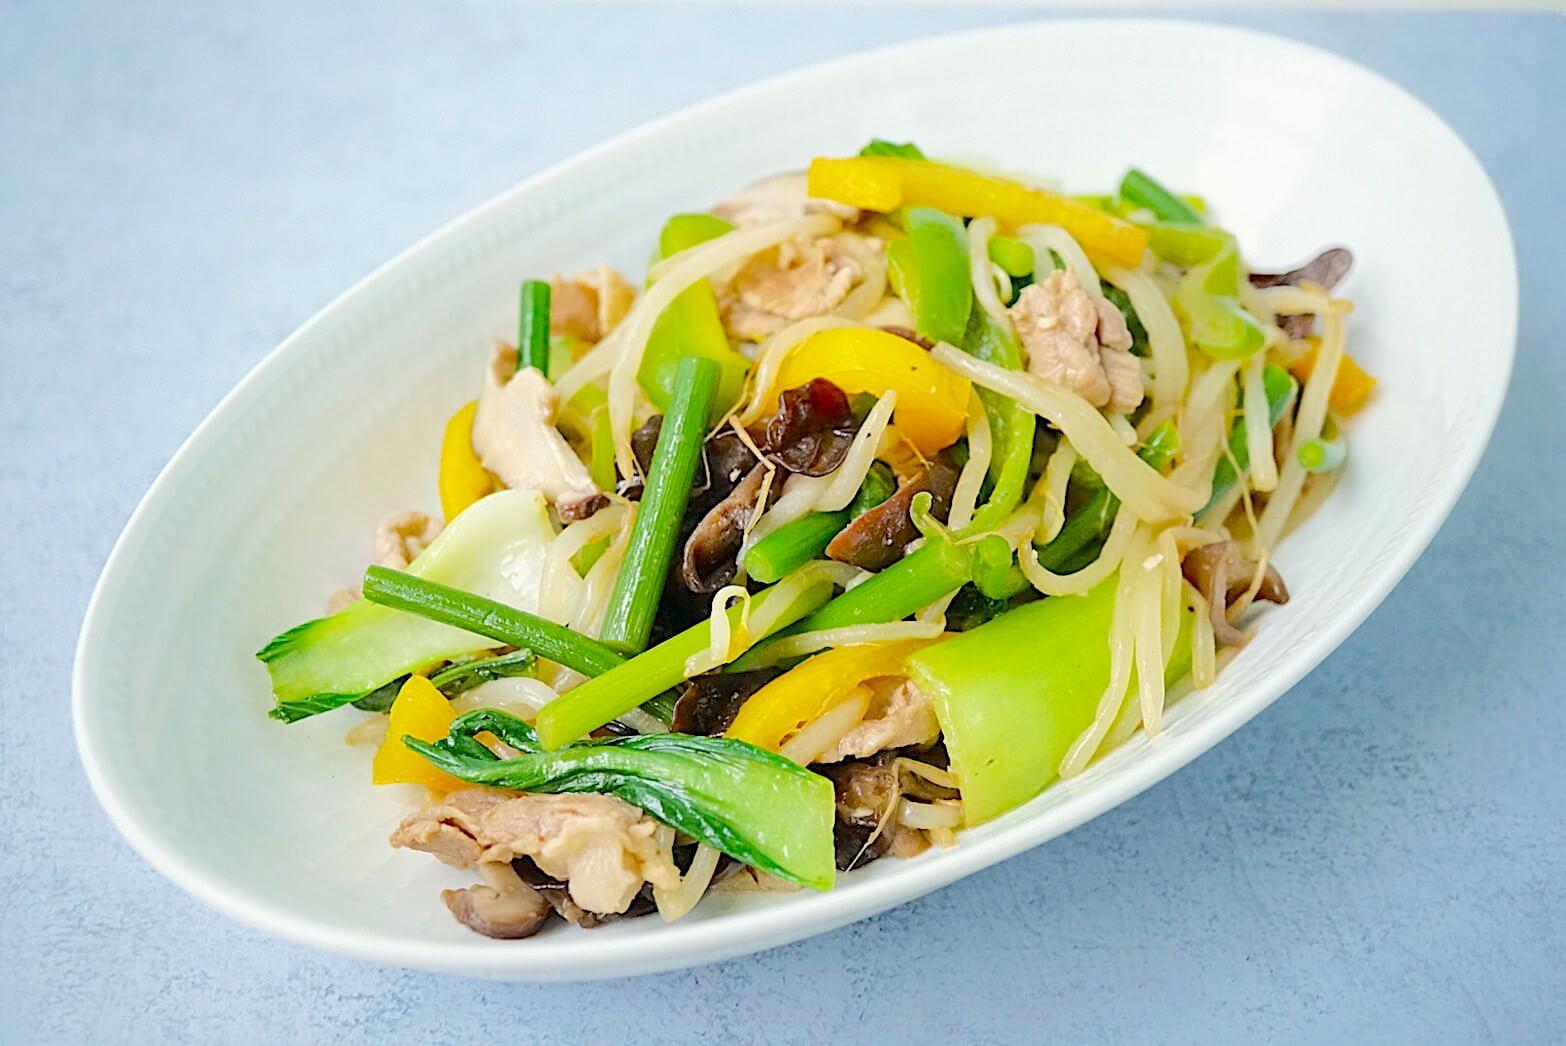 レシピ|オイルを加えたお湯でサッとゆでればプロの味♪チンゲン菜ともやしのスタミナ野菜炒め